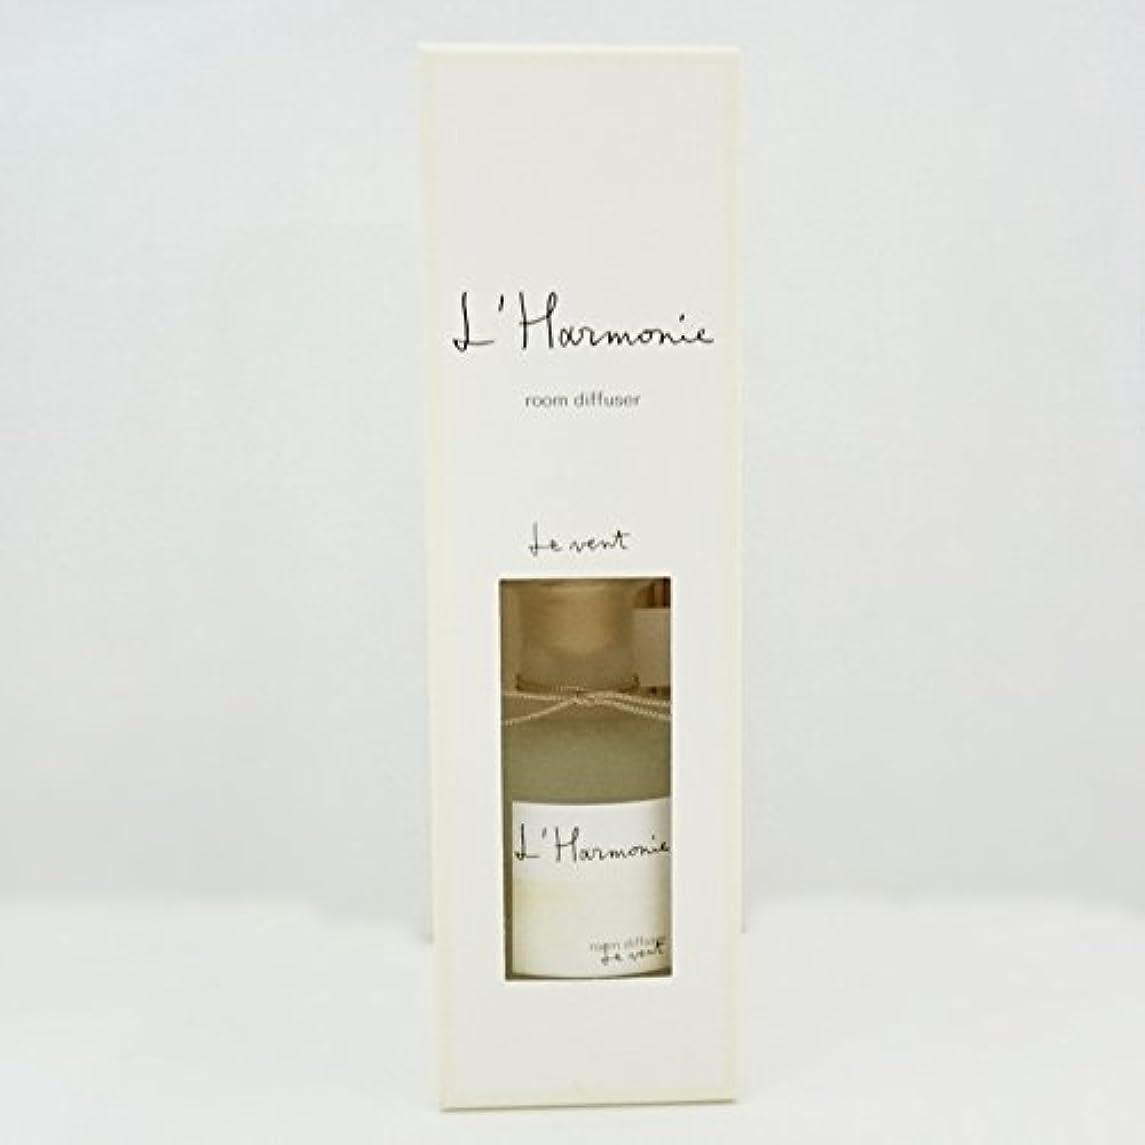 航海測定可能リゾートLothantique(ロタンティック) L' Harmonie(アルモニ) ルームディフューザー 200ml 「Le vent(ヴァン)」 4994228024640